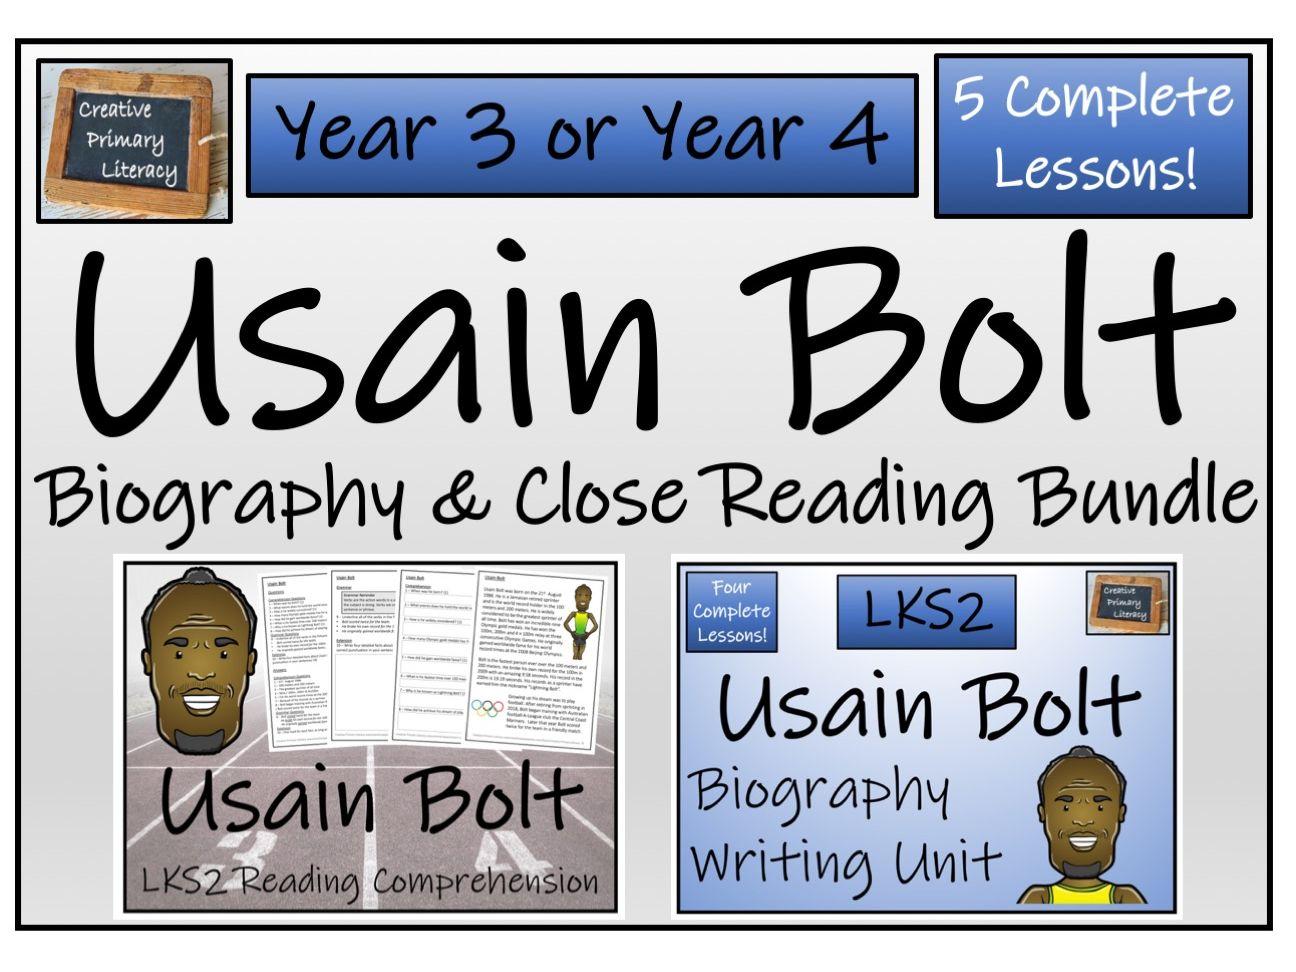 LKS2 Usain Bolt Reading Comprehension & Biography Bundle